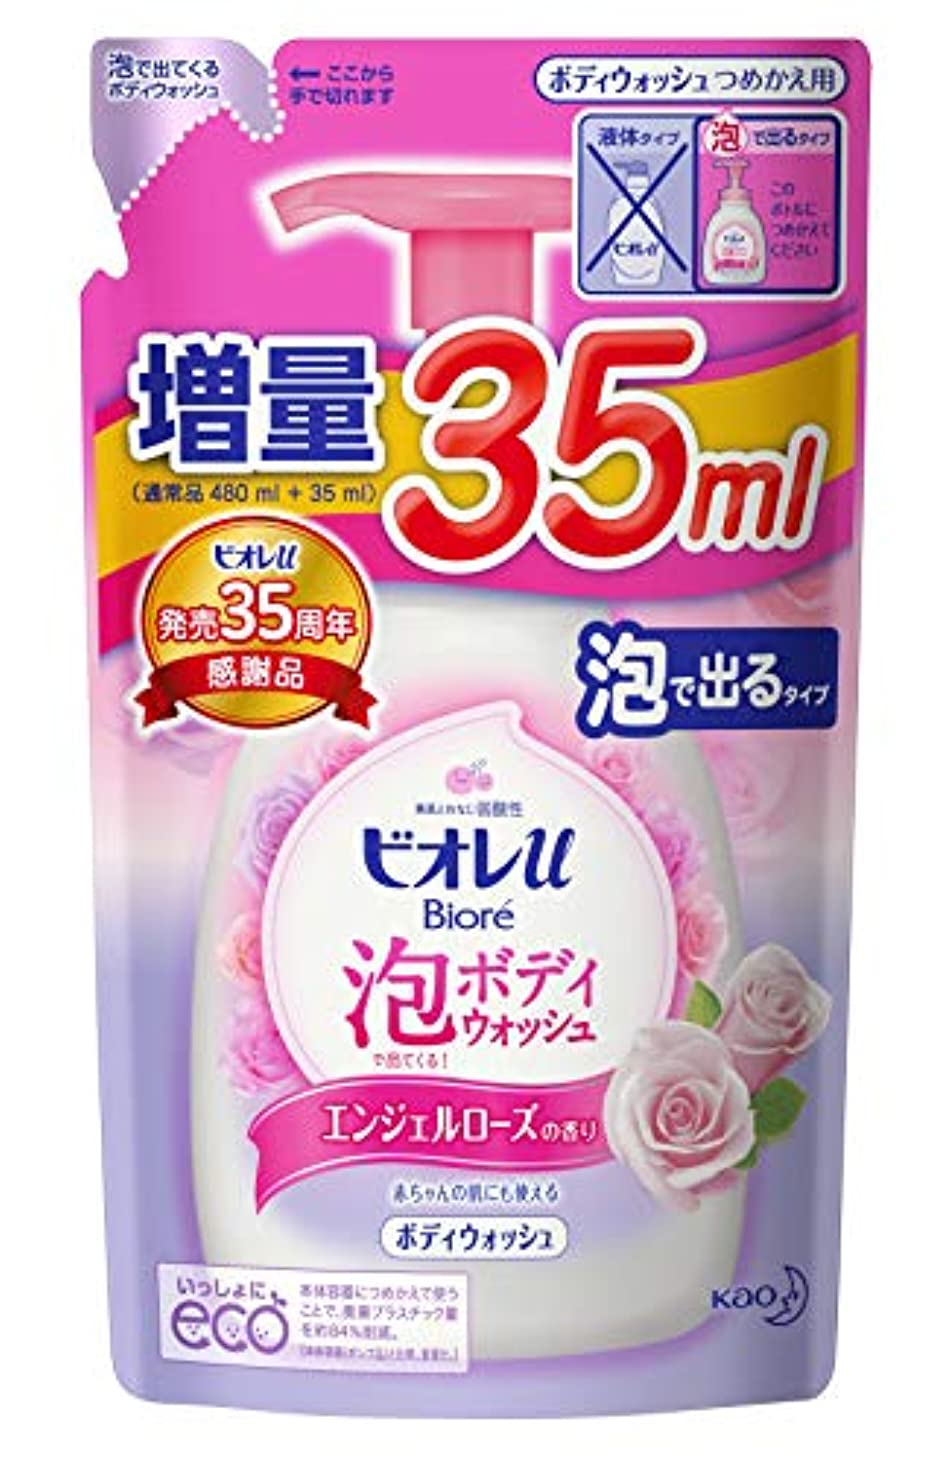 その後印刷するブラウンビオレu 泡で出てくるボディウォッシュ エンジェルローズの香り つめかえ用 515ml(通常480ml+35ml)